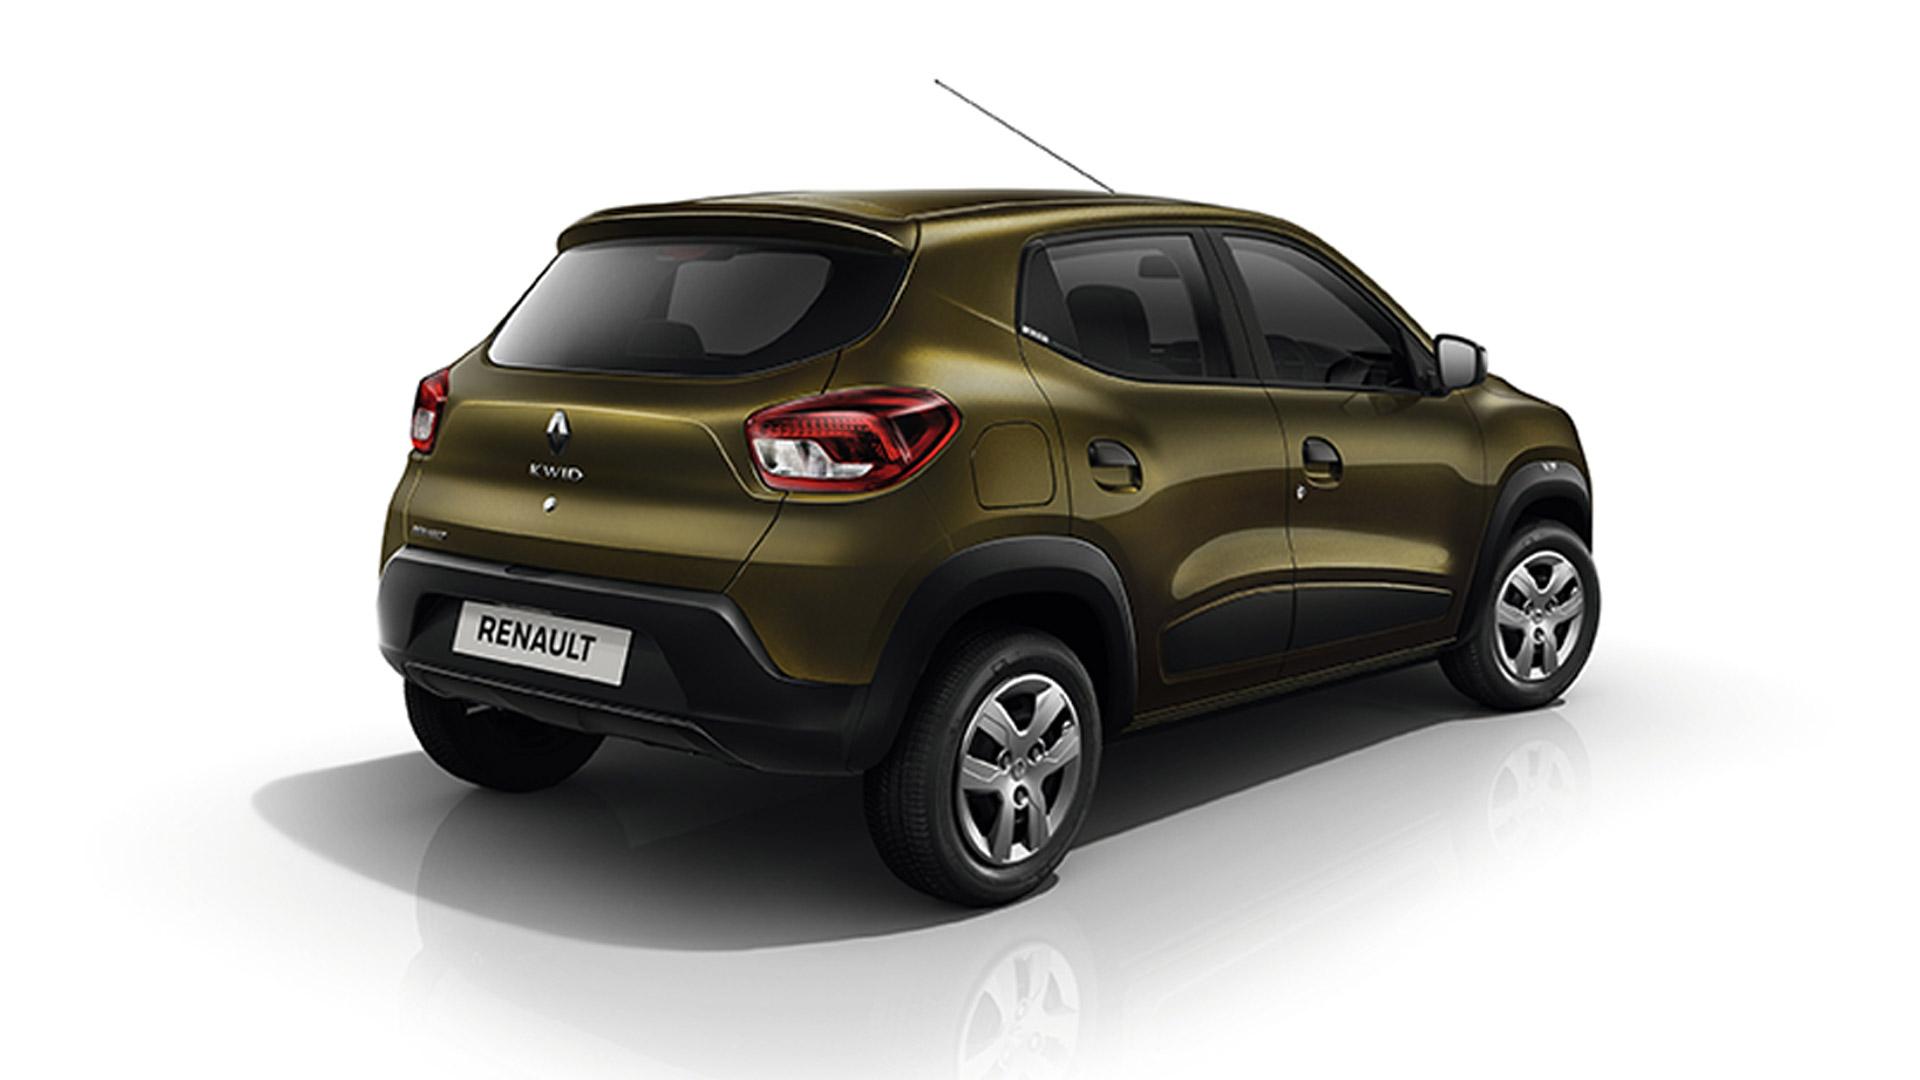 Renault Kwid 2015 STD Compare